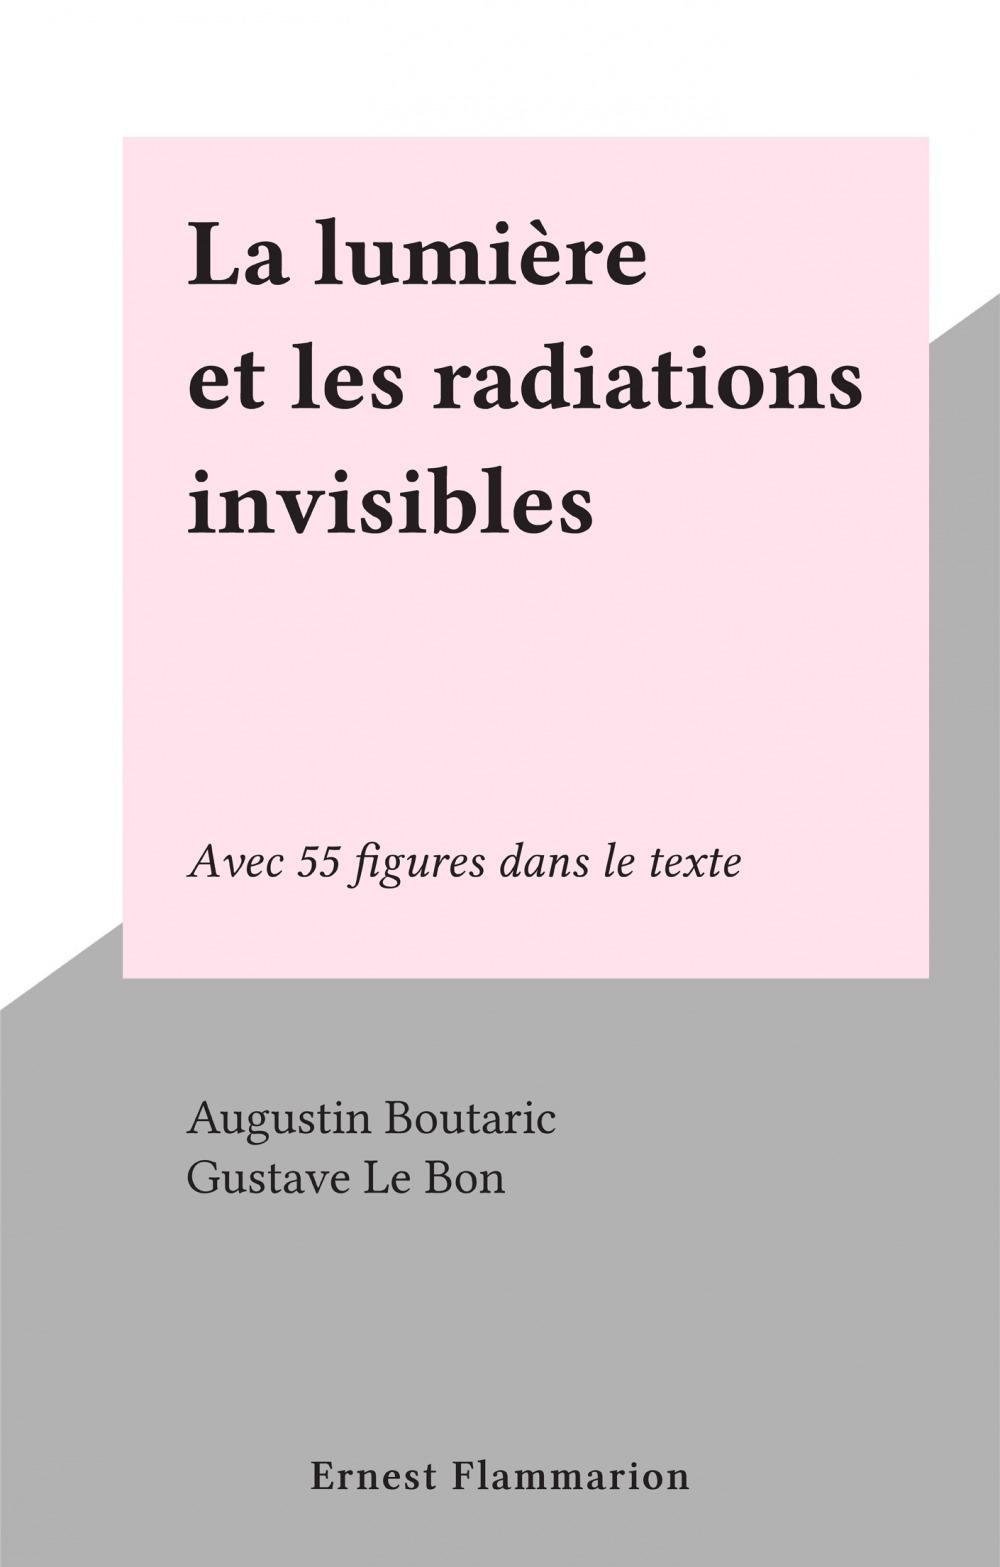 La lumière et les radiations invisibles